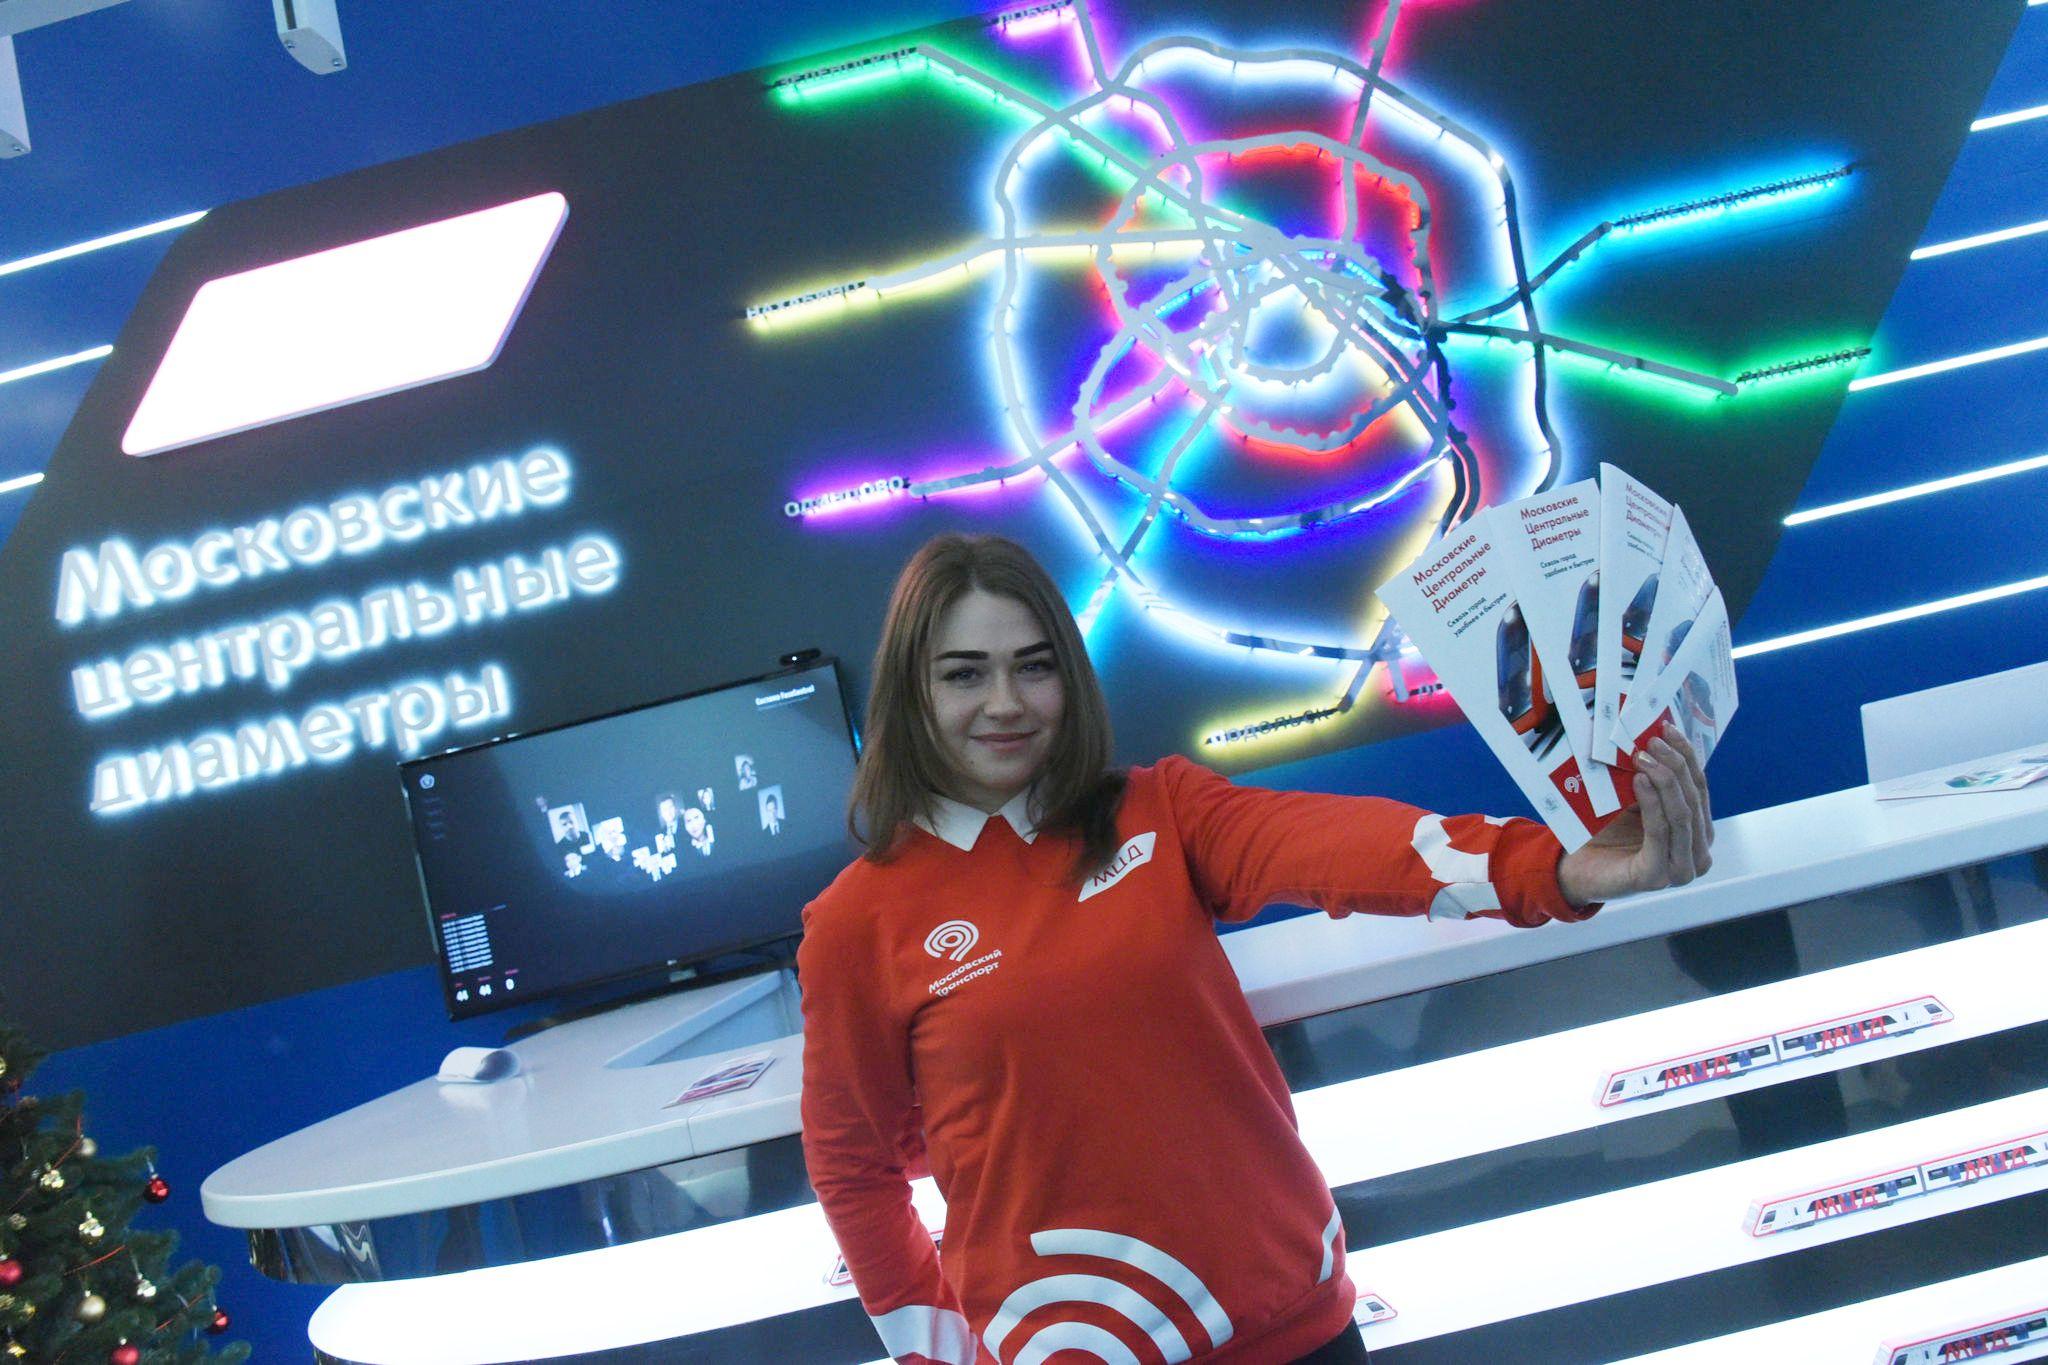 Москвичам ответили на тысячу вопросов о тарифах МЦД